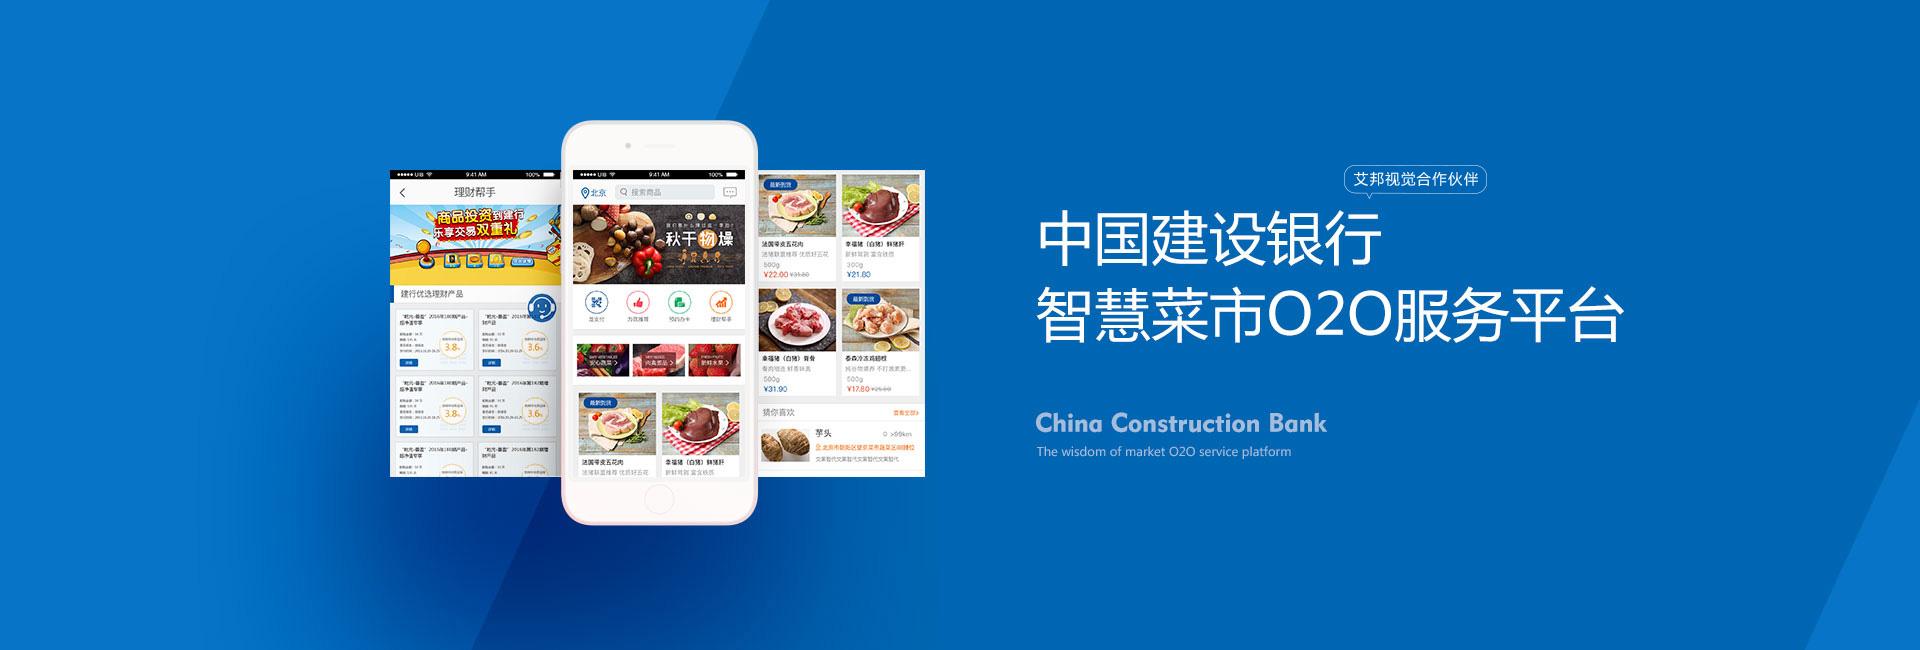 中国建设银行智慧菜市O2O平台建设